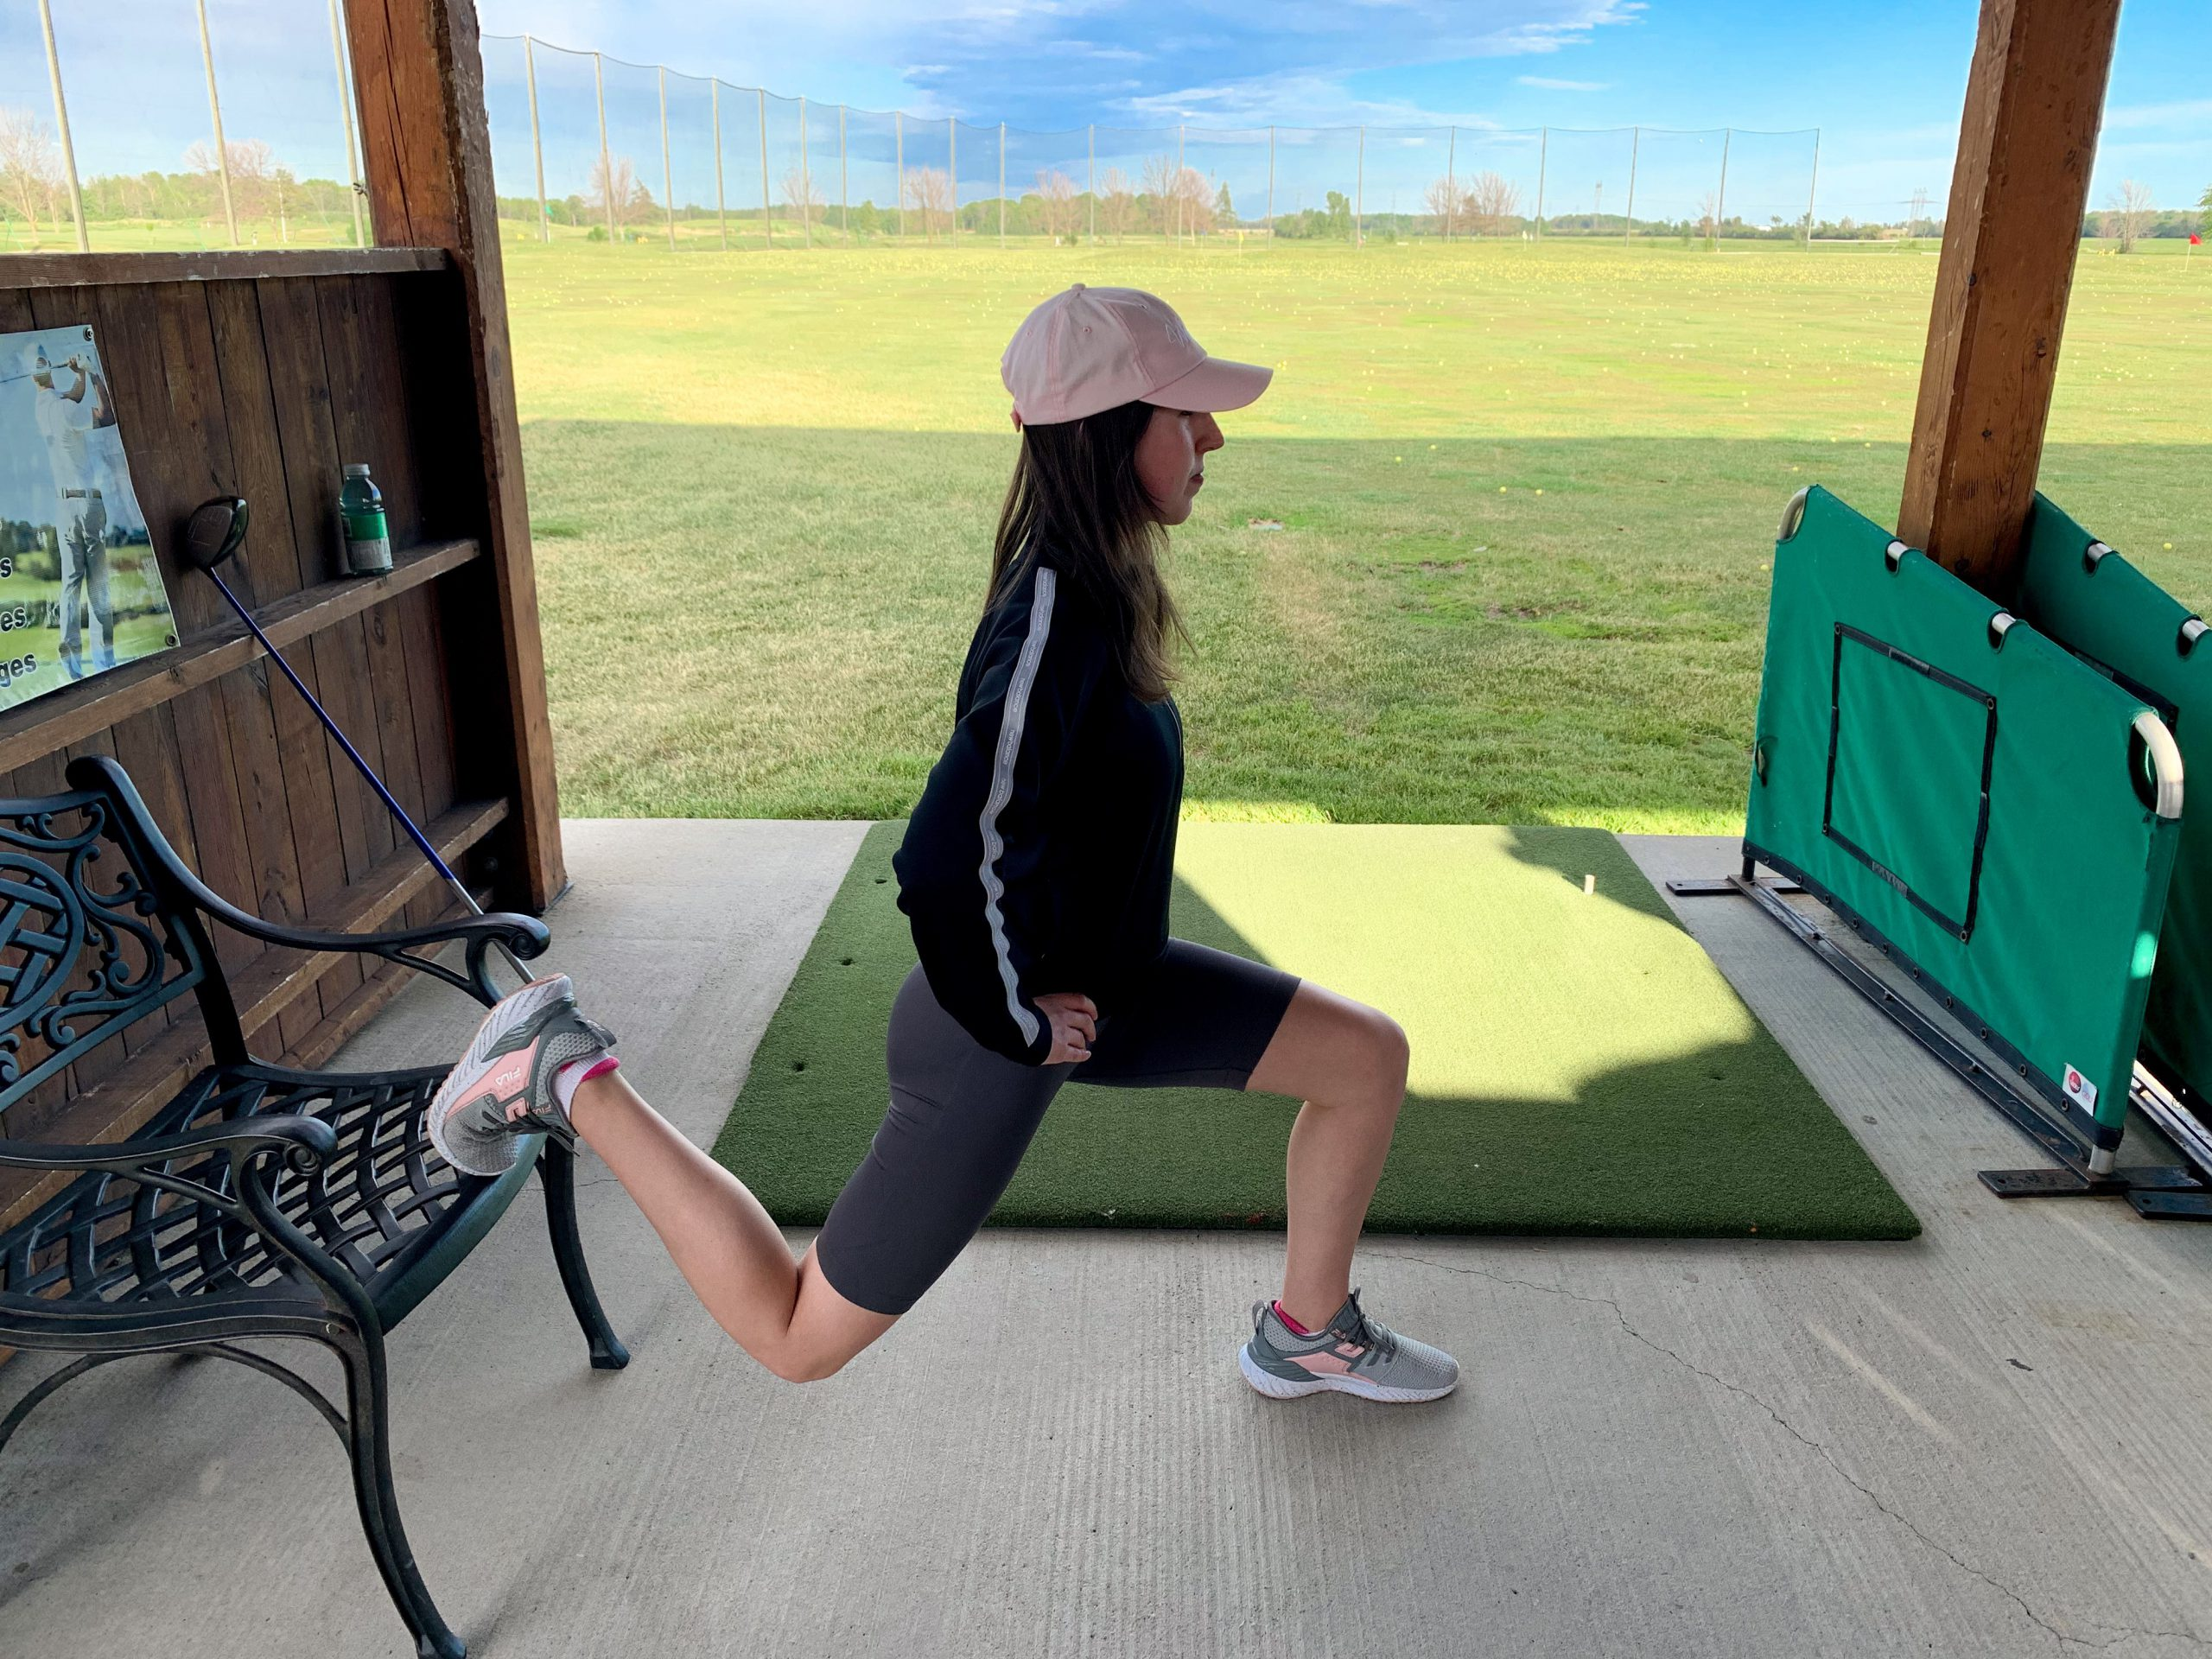 Les 5 meilleurs étirements pour le golf